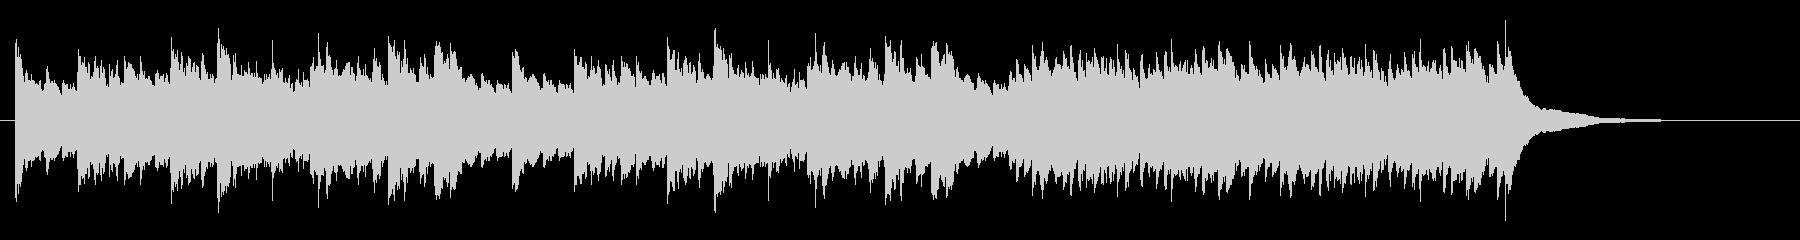 【ピアノ ロック】力強いピアノバッキングの未再生の波形